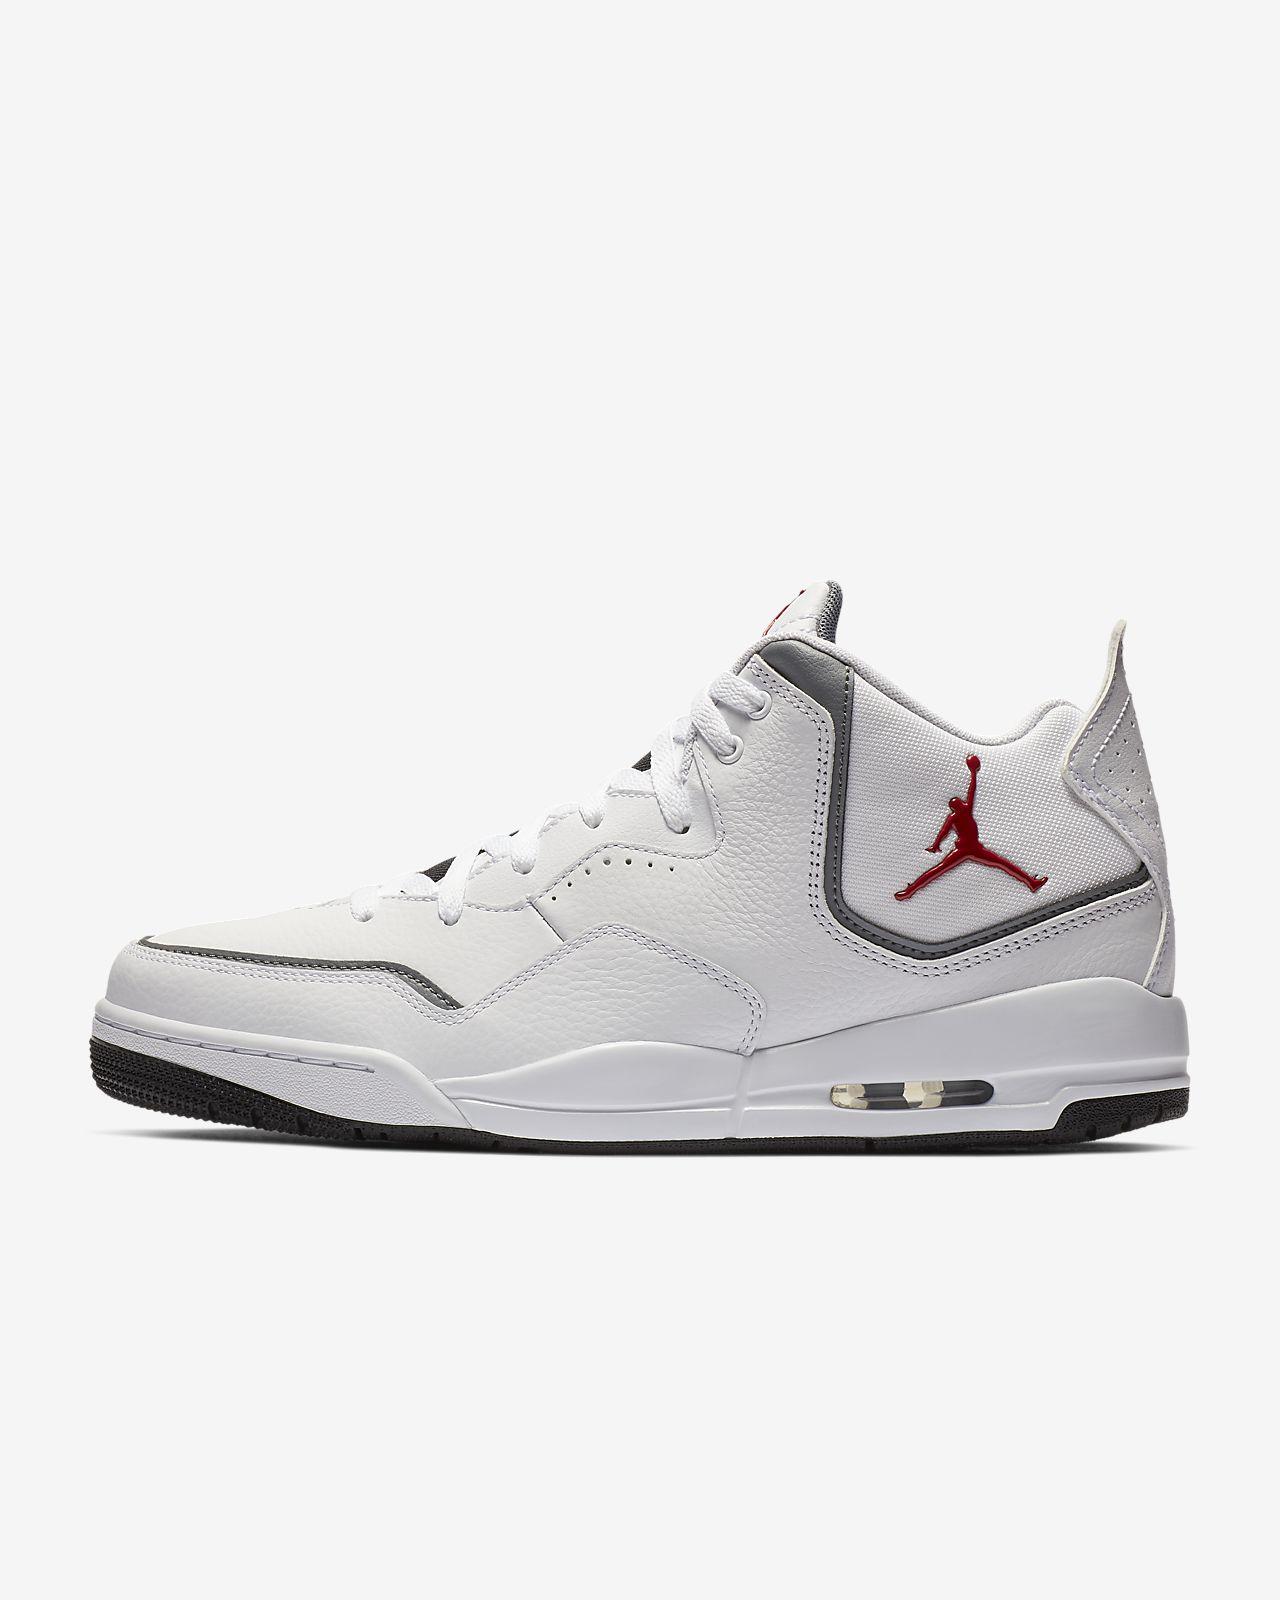 51a86157e8717 Calzado para hombre Jordan Courtside 23. Nike.com CL